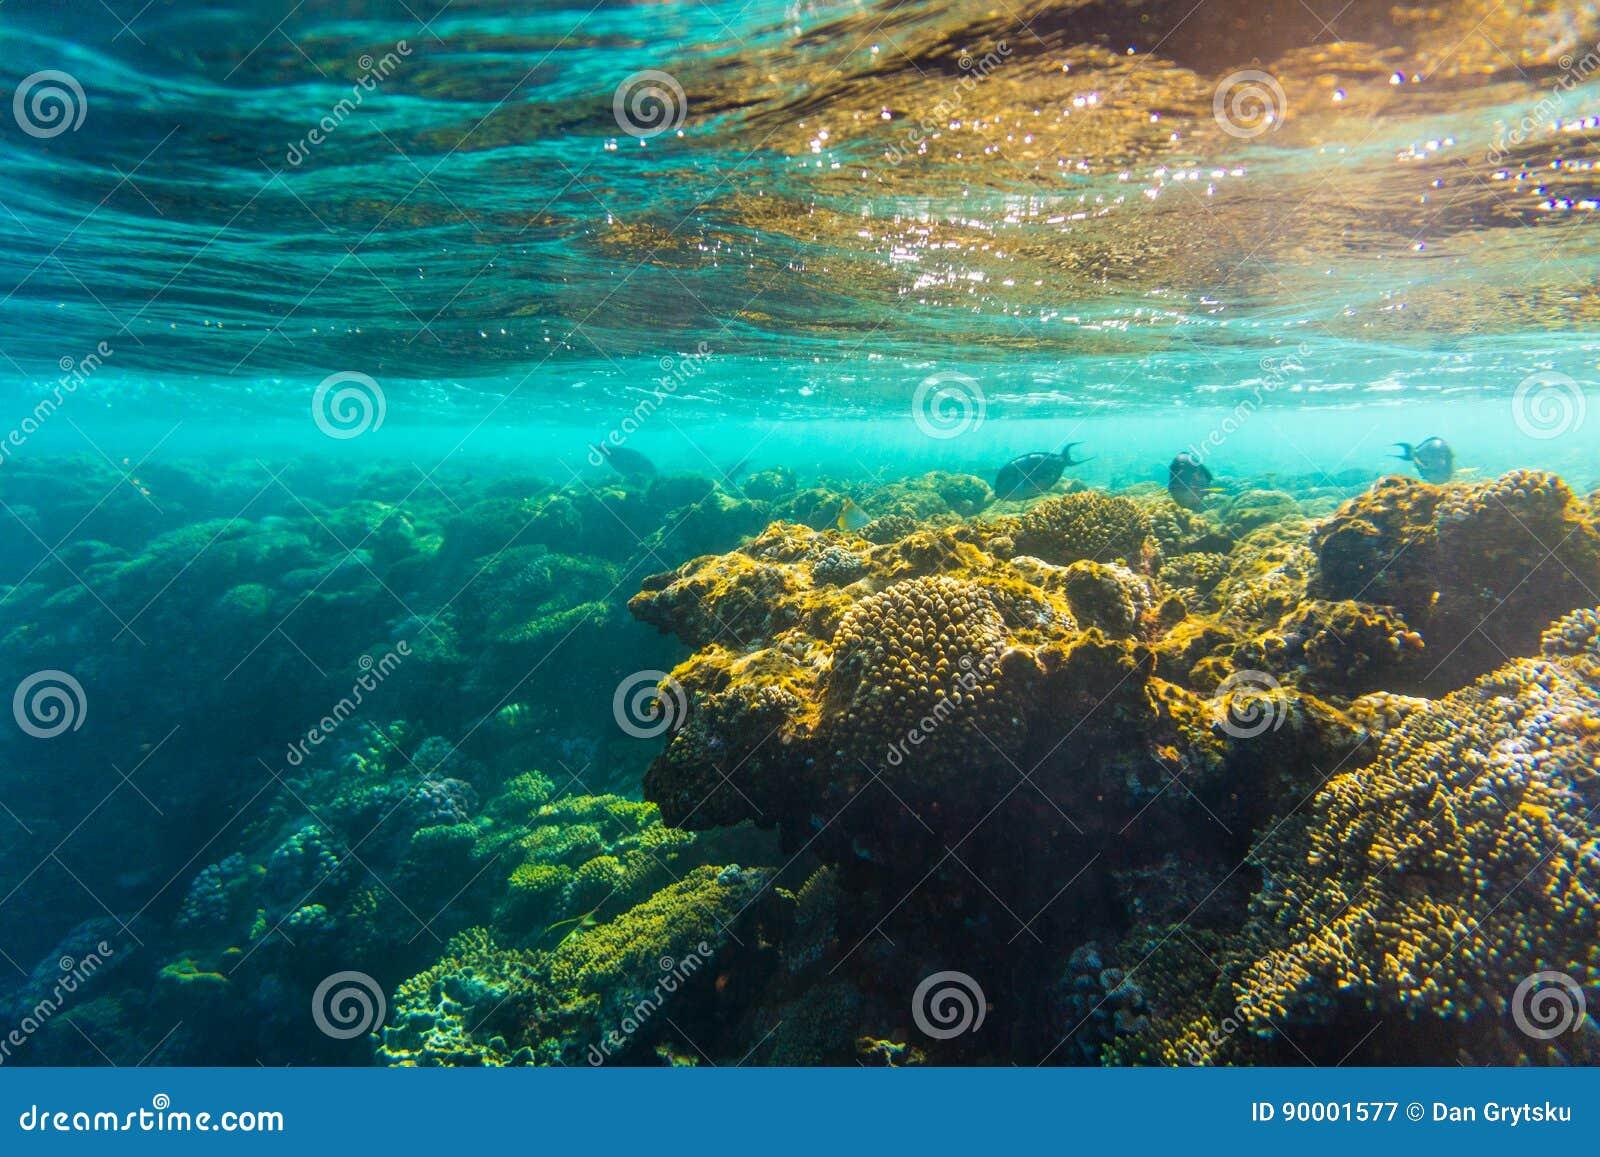 Arrecife de coral con los corales duros, foto subacuática del Mar Rojo de los pescados